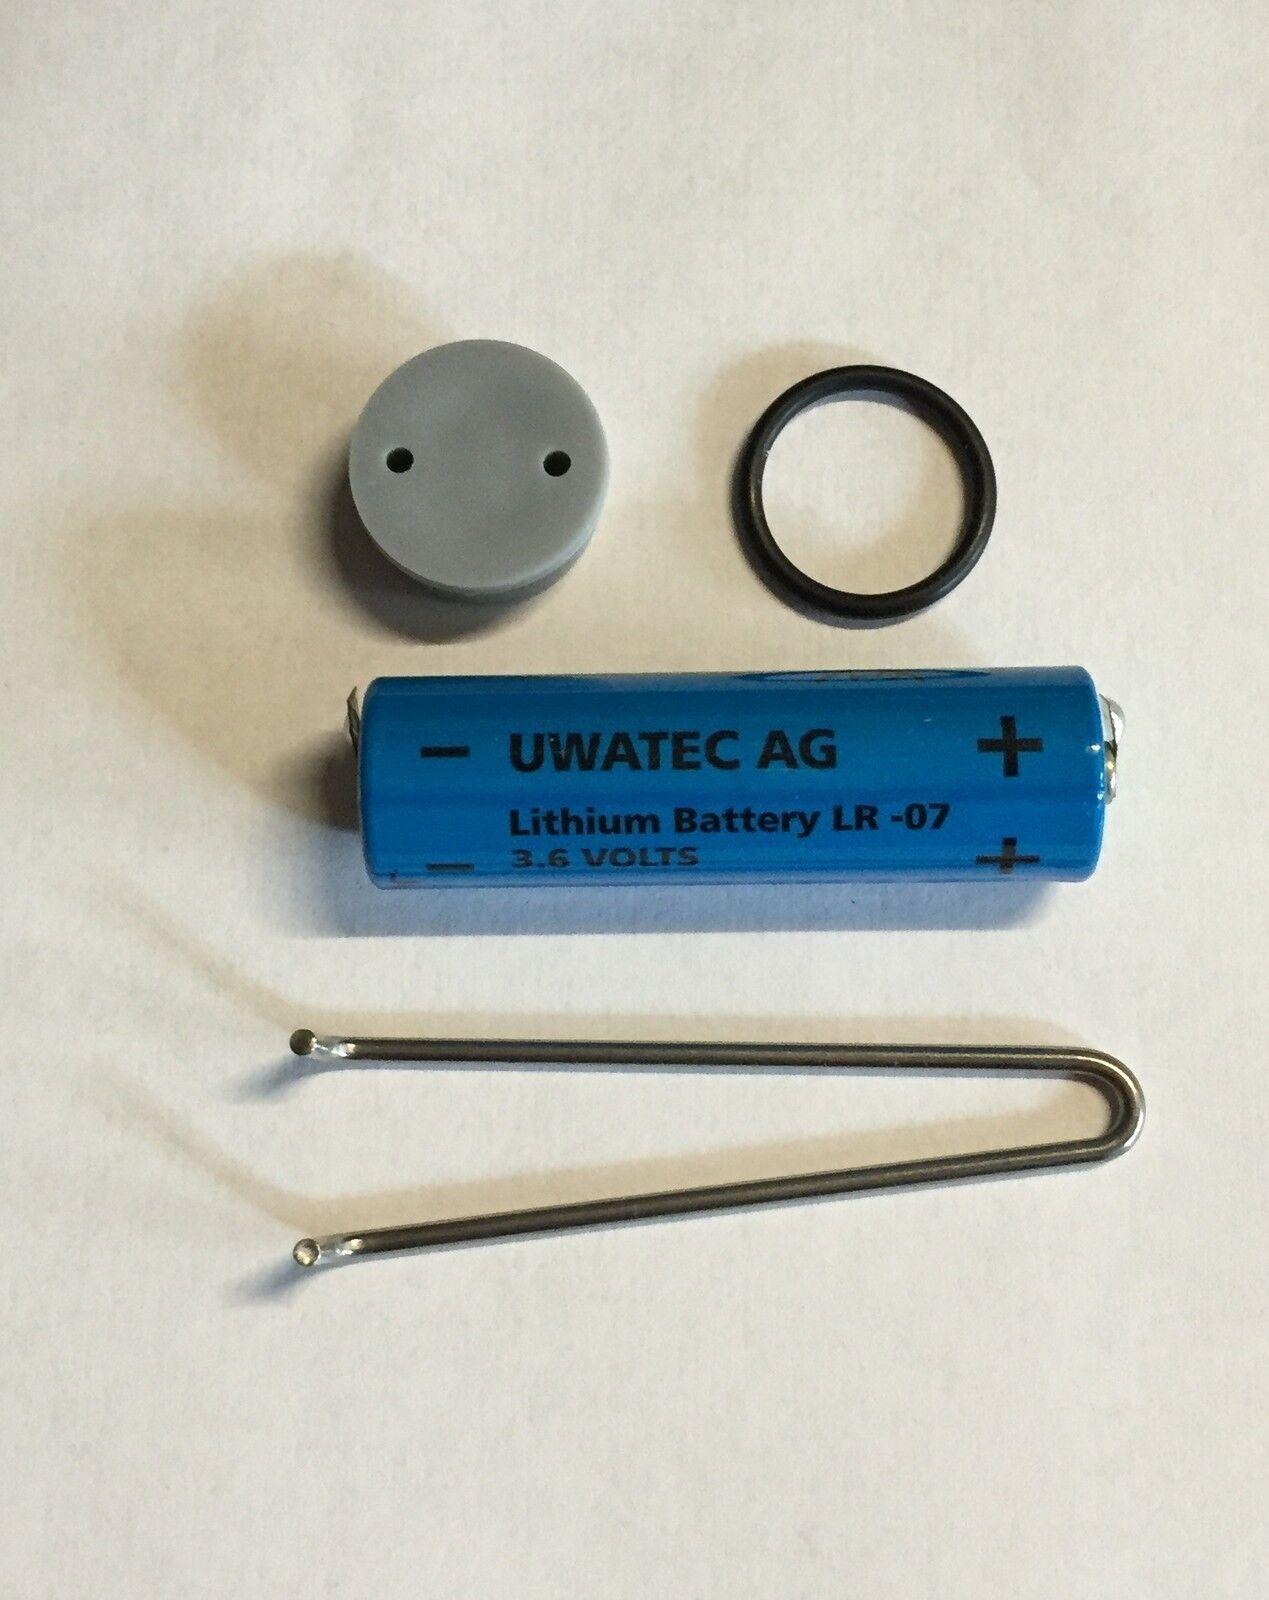 Uwatec Batteriewechselsatz for Aladin pro Tauchcomputer - New